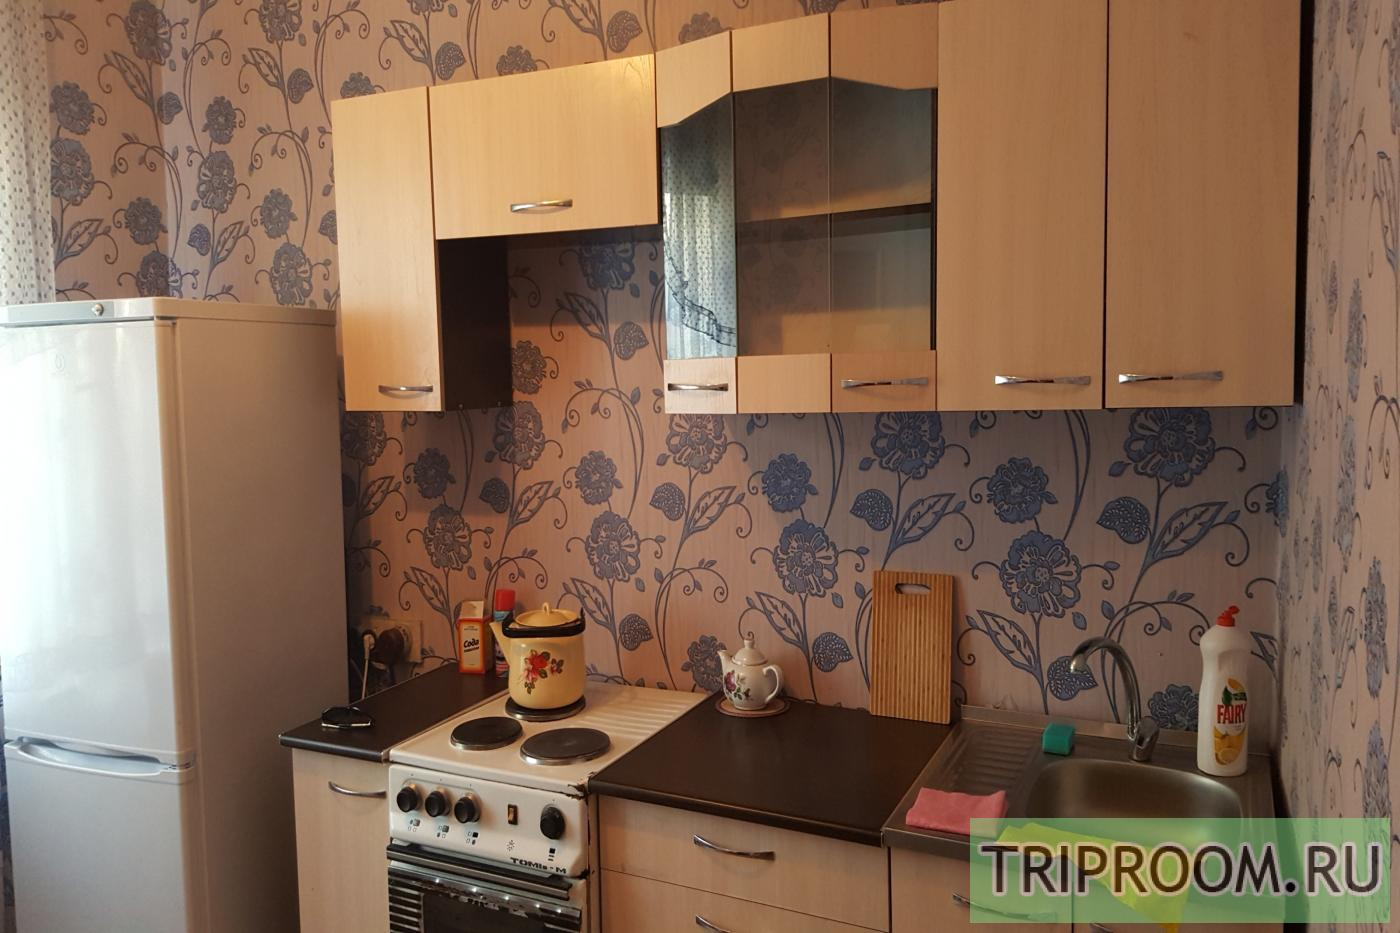 1-комнатная квартира посуточно (вариант № 11848), ул. молокава улица, фото № 6